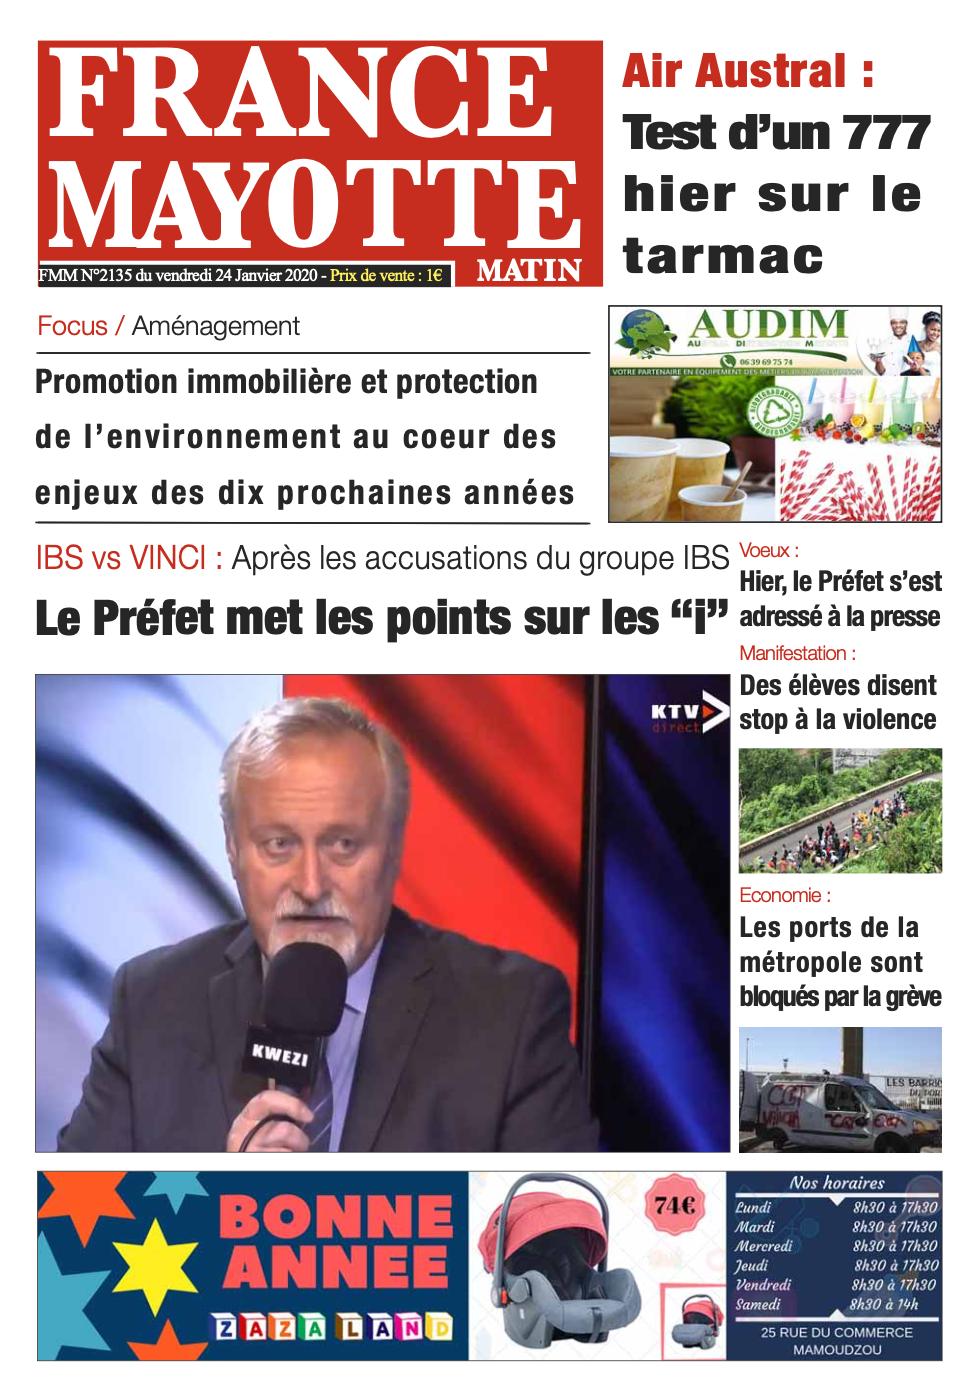 France Mayotte Vendredi 24 janvier 2020